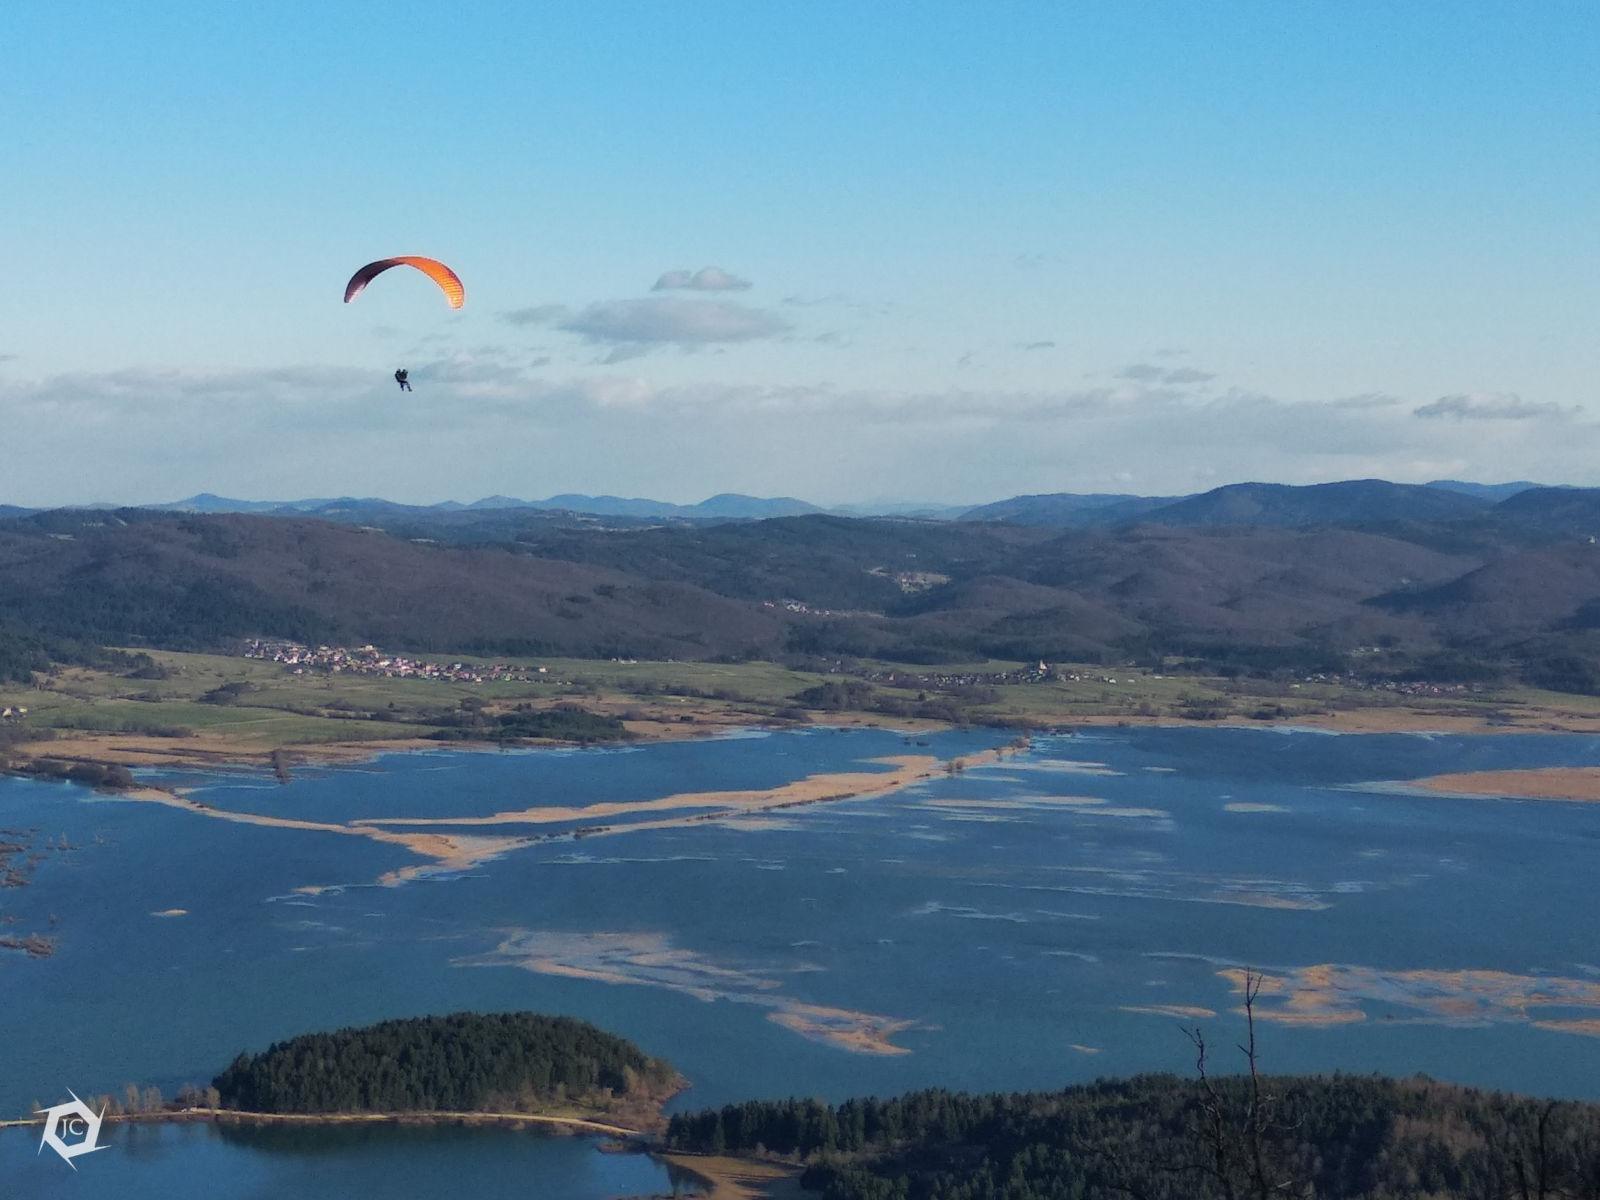 Letenje s padalom nad Cerkniškim jezerom